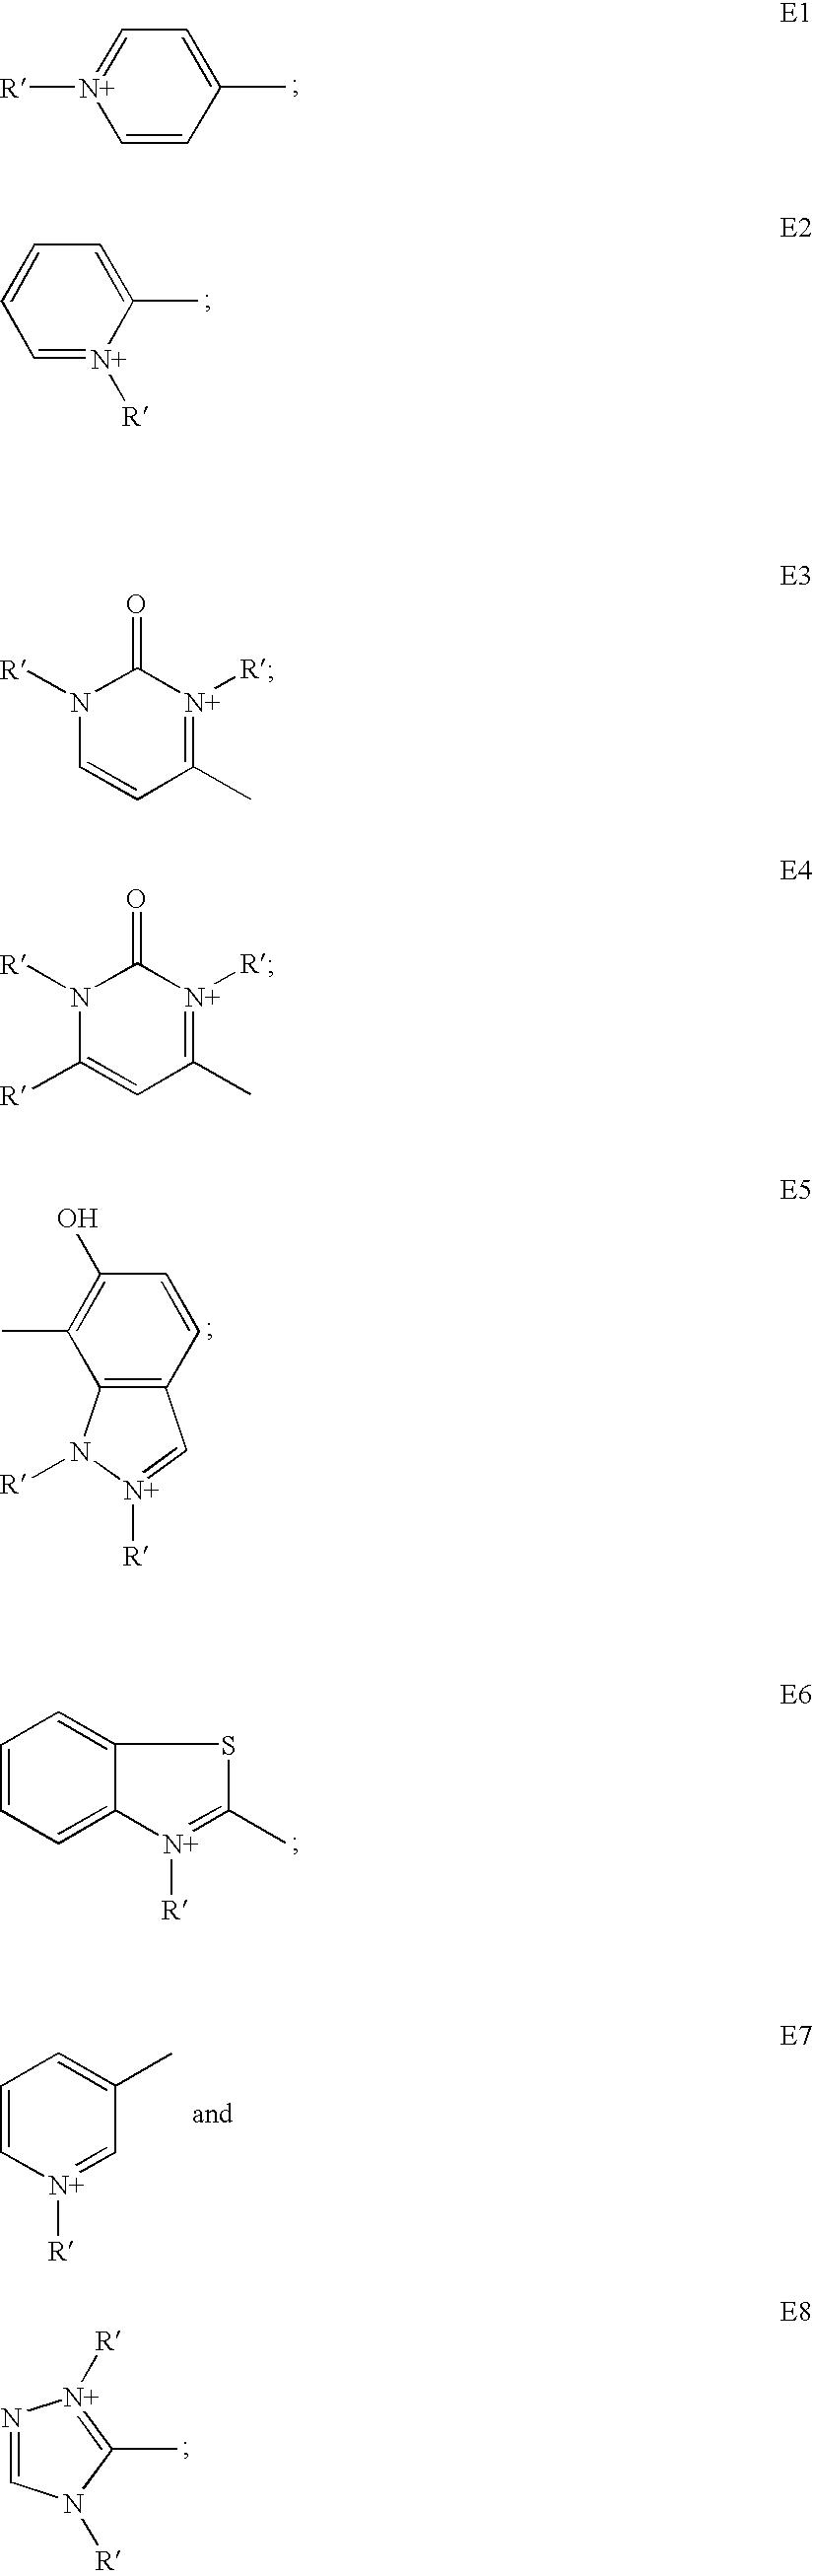 Figure US07909888-20110322-C00010